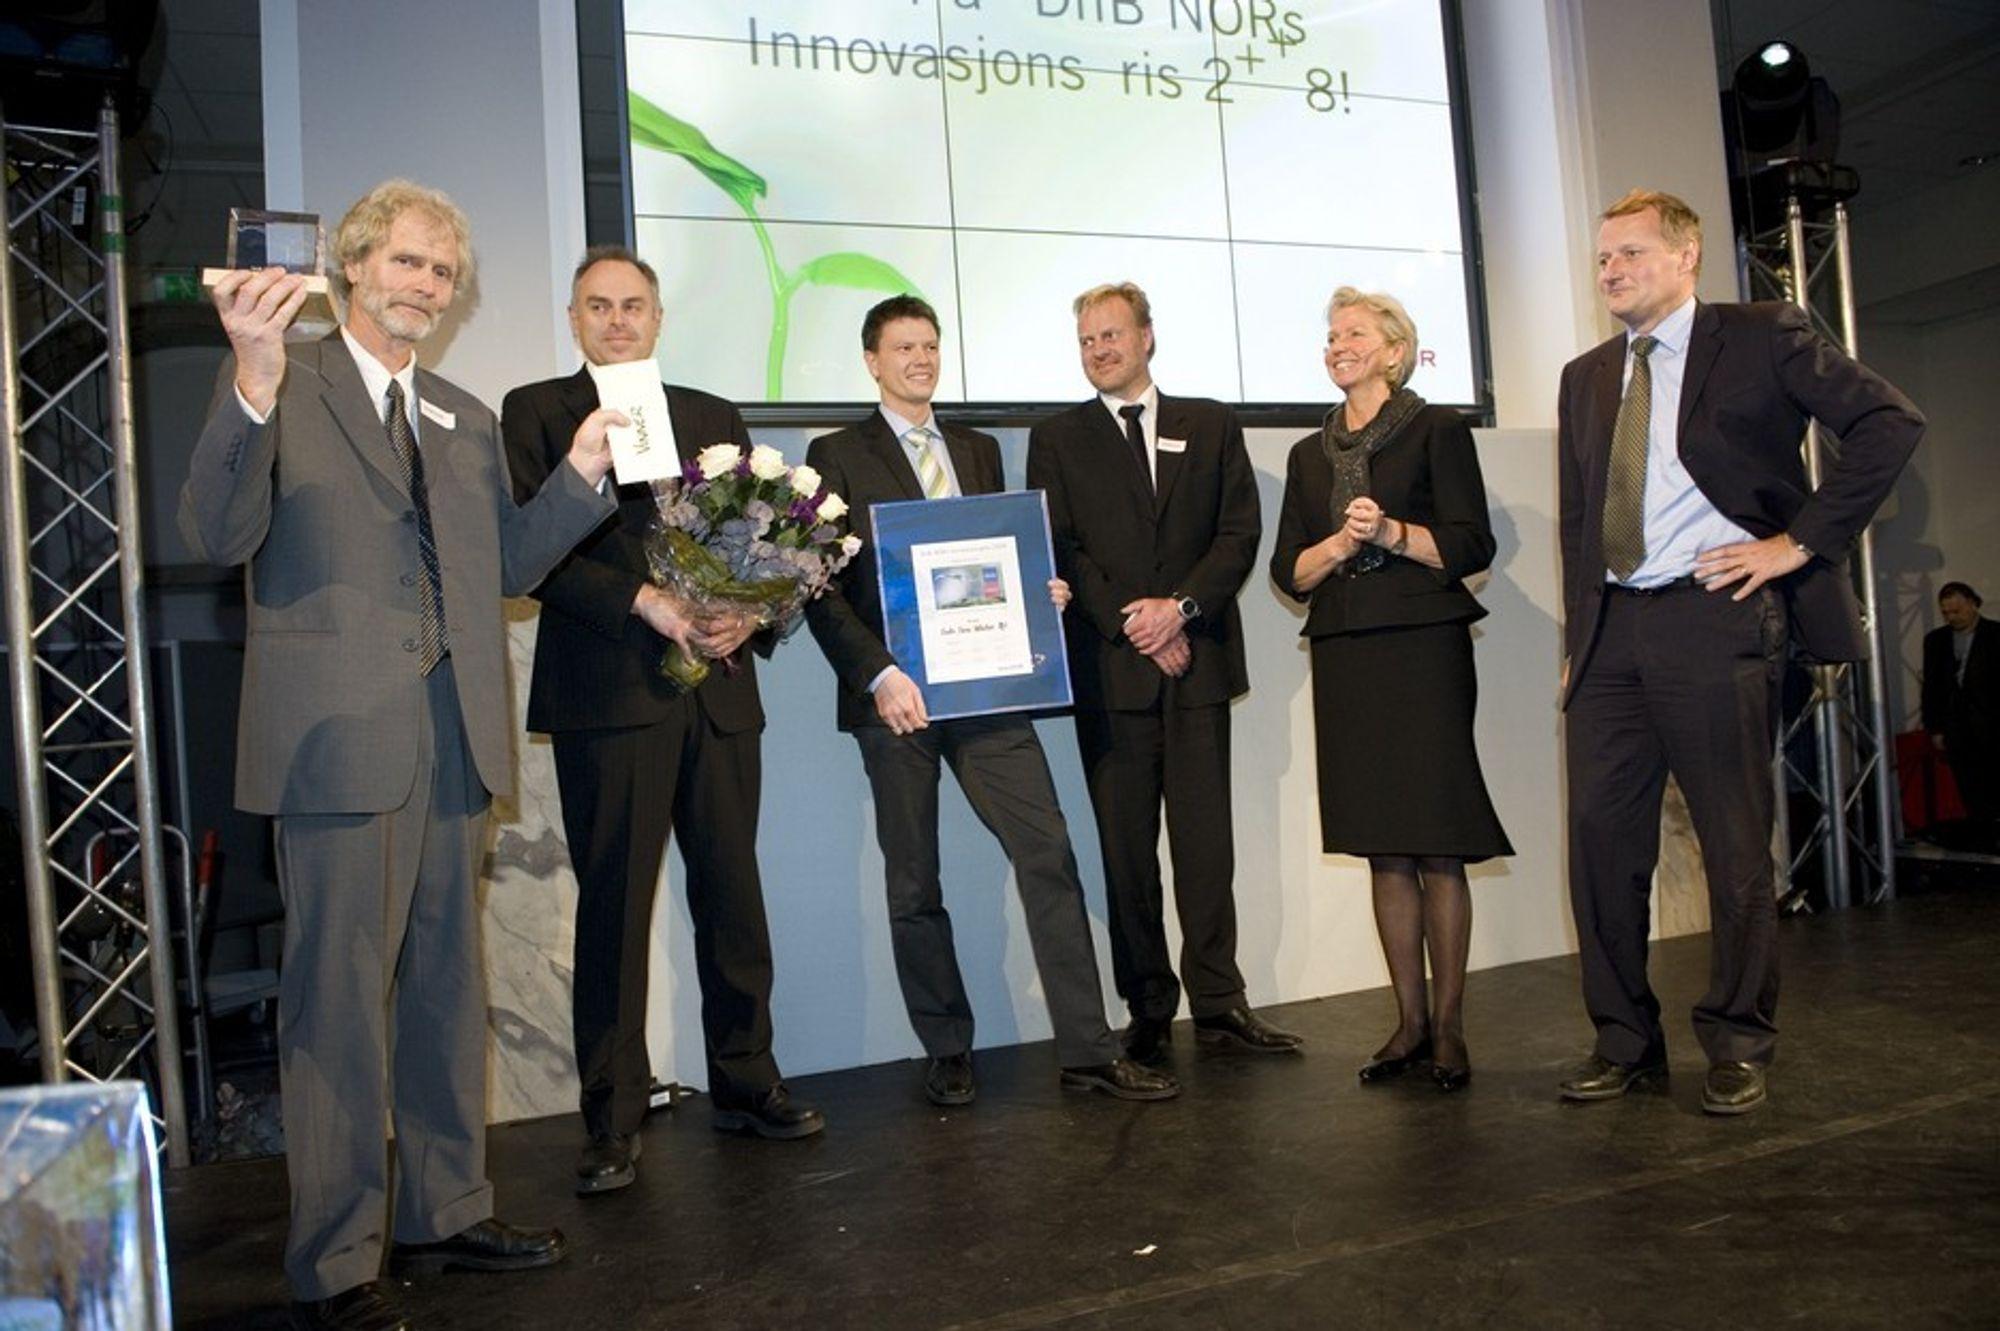 Sub Sea Water blir overrakt DnB NORs innovasjonspris. Fra venstre: Fridtjov Ruden, Ståle Johansen, Robert Abelsen, Hans Amundsen, Berit Kjøll (juryens leder) og Rune Bjerke (konsernsjef i DnB NOR)